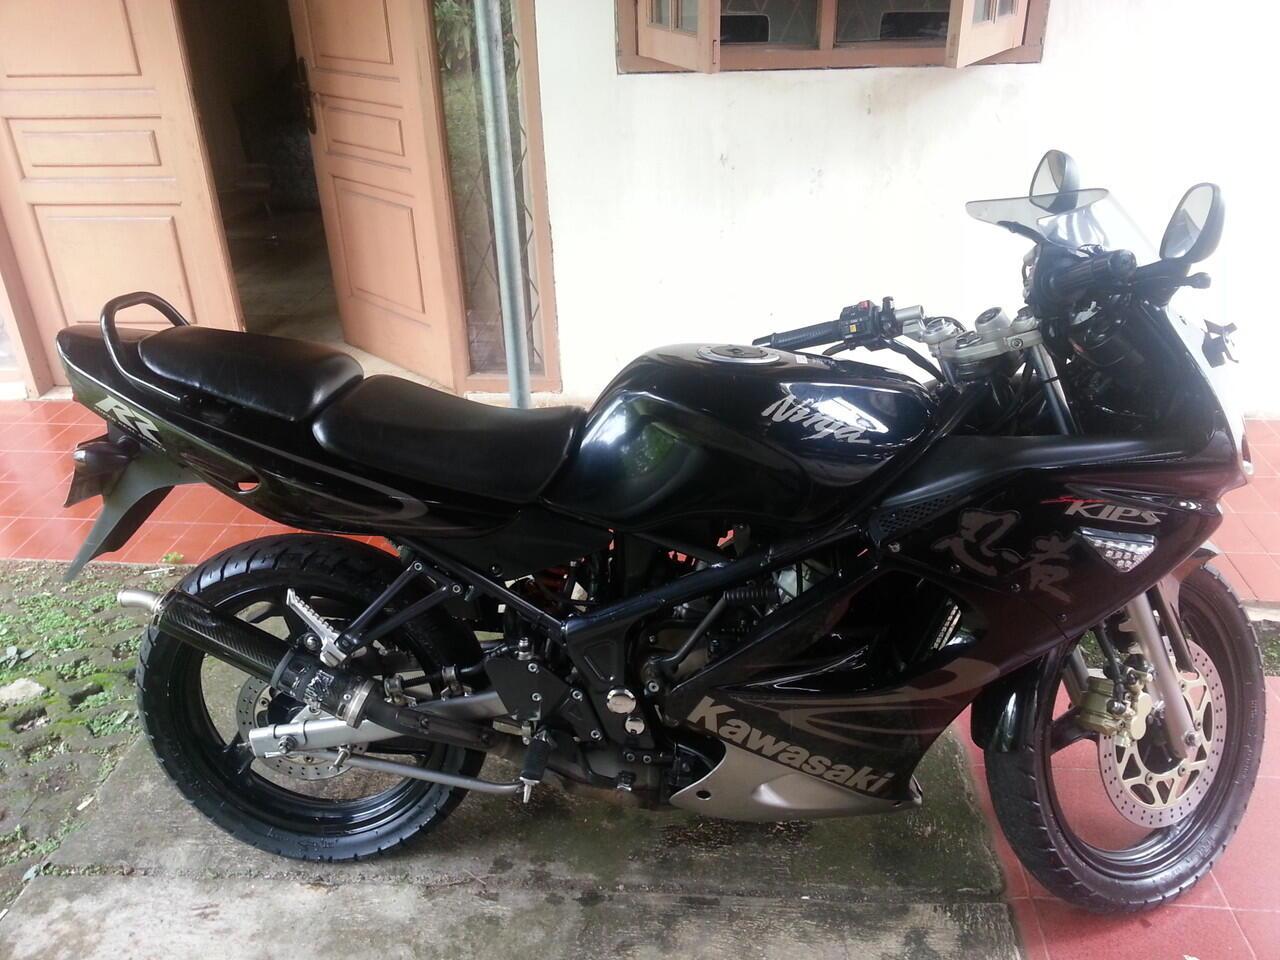 Jual cepat Kawasaki Ninja 150 rr warna hitam tahun 2011. Cari Jual cepat Kawasaki Ninja 150 rr warna hitam tahun 2011   KASKUS